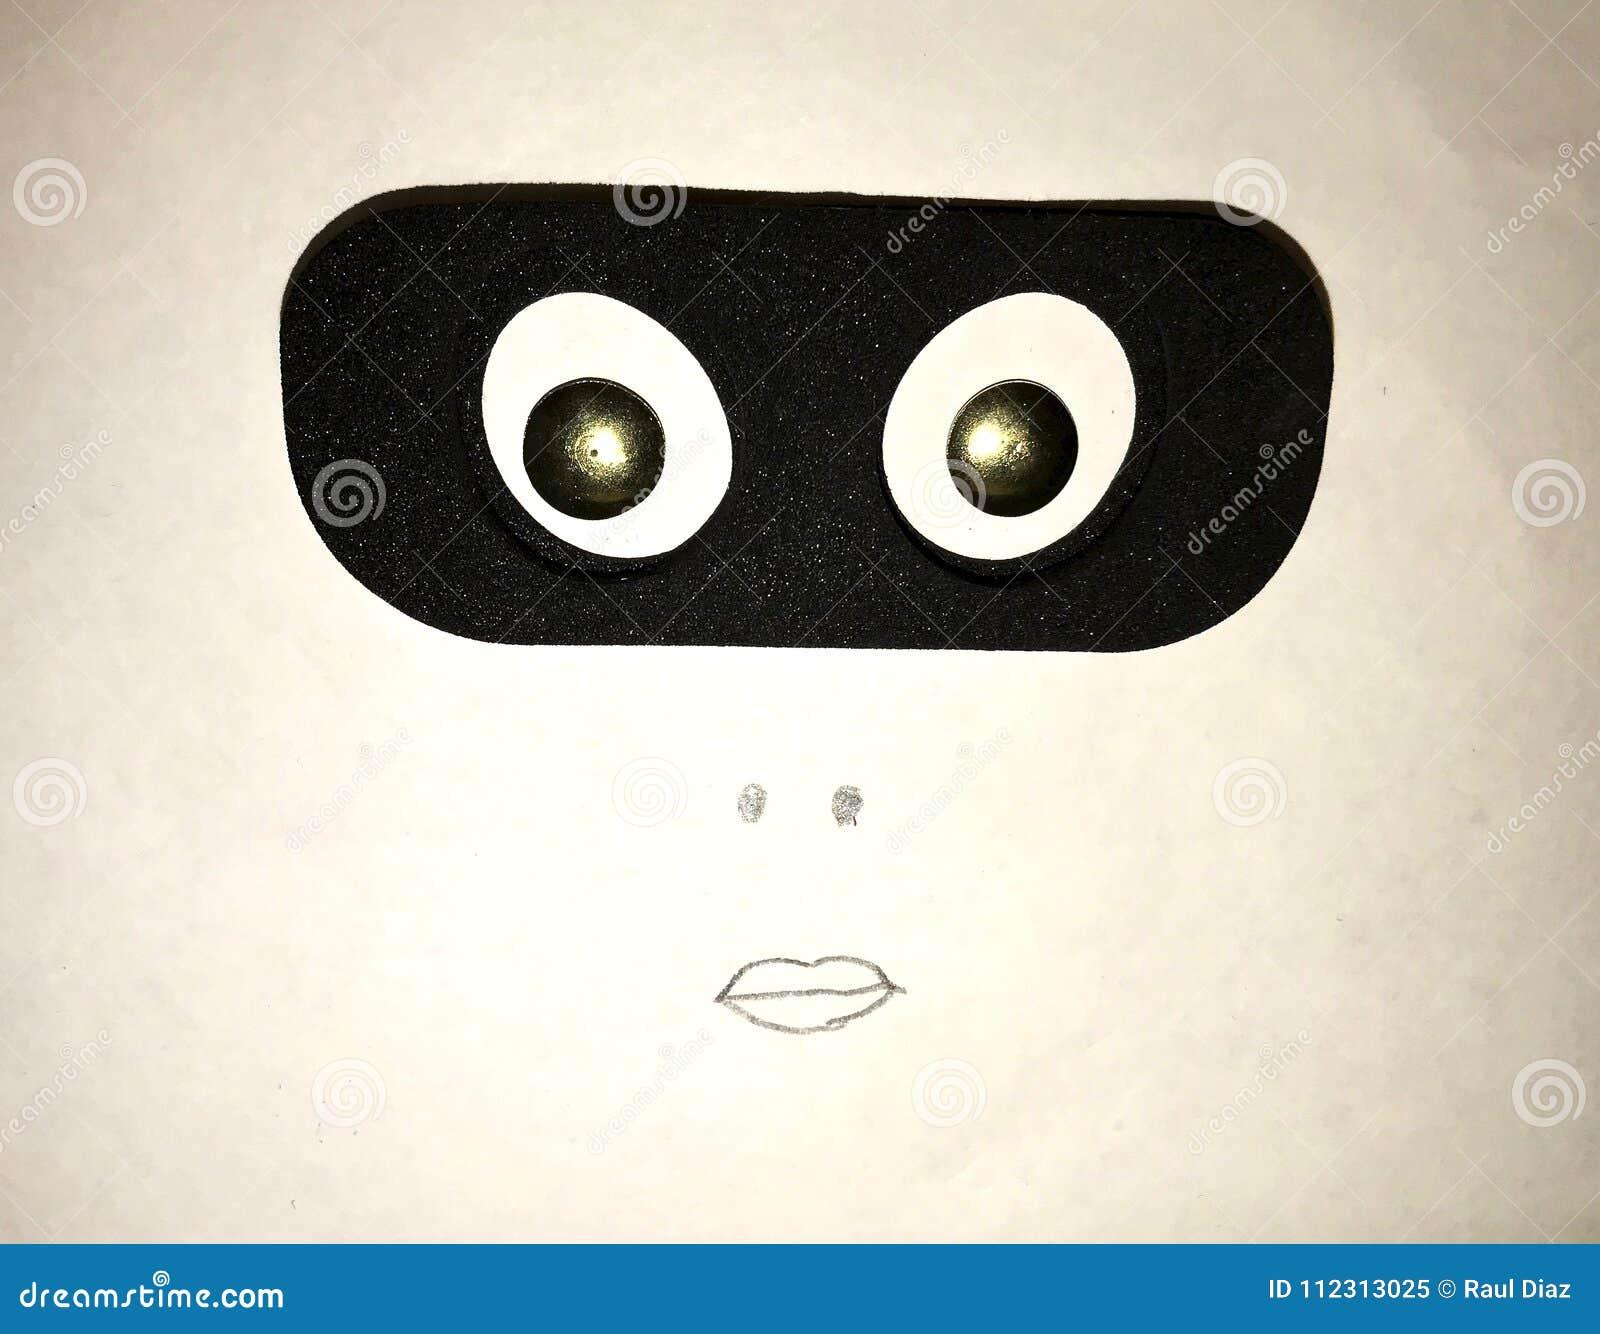 Imagen compuesta de la cara